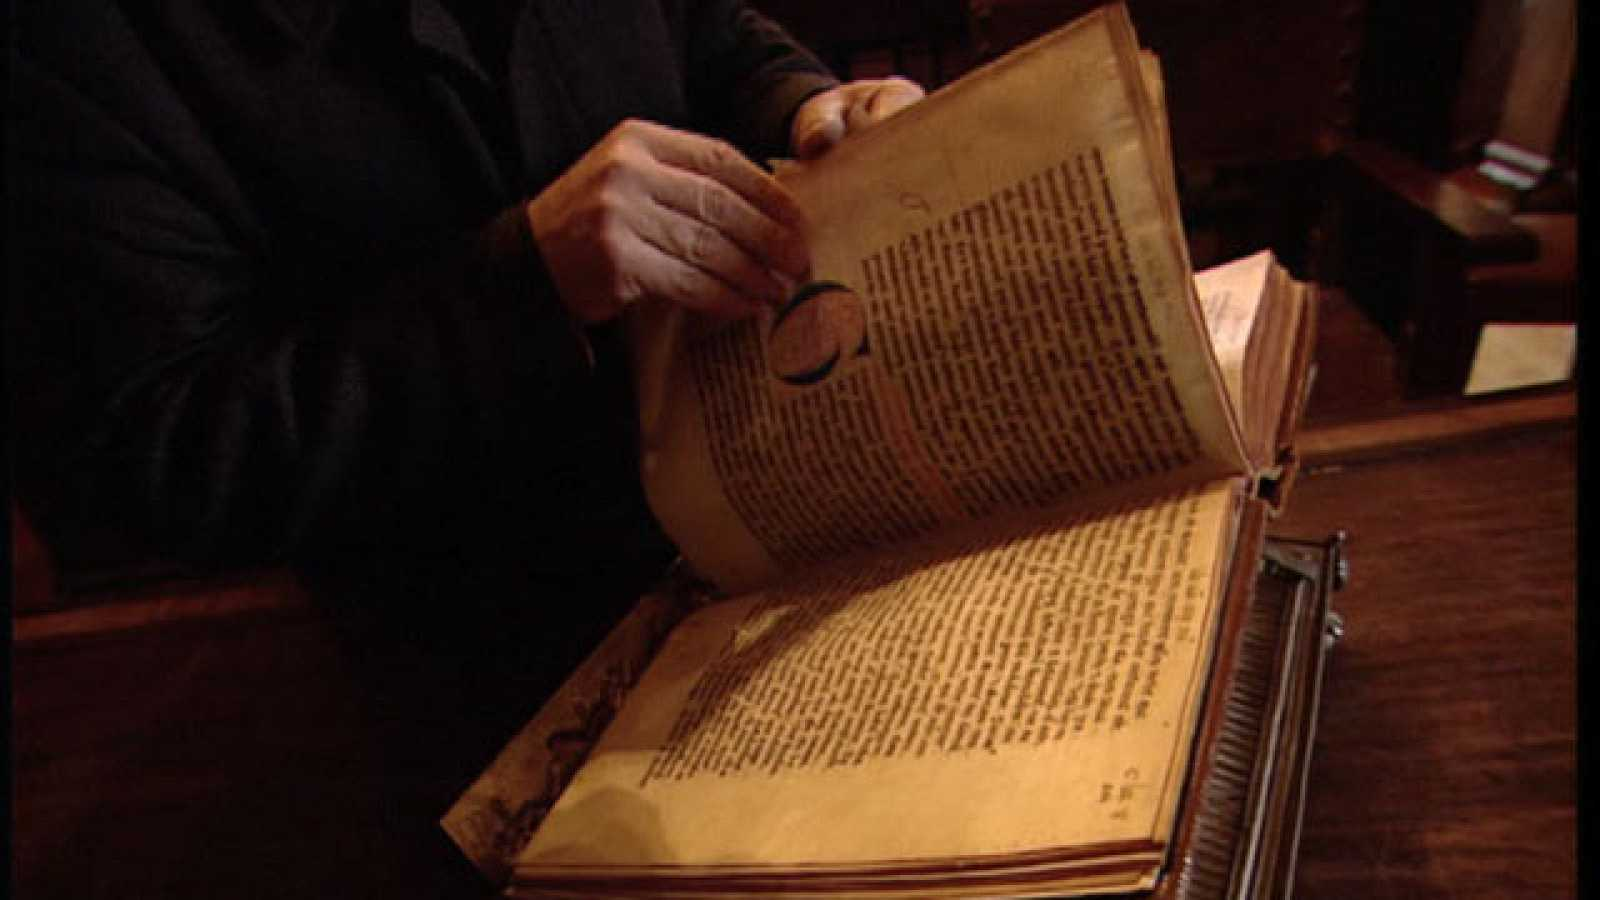 Los investigadores creen que el robo del Codice Calixtino fue un robo por encargo